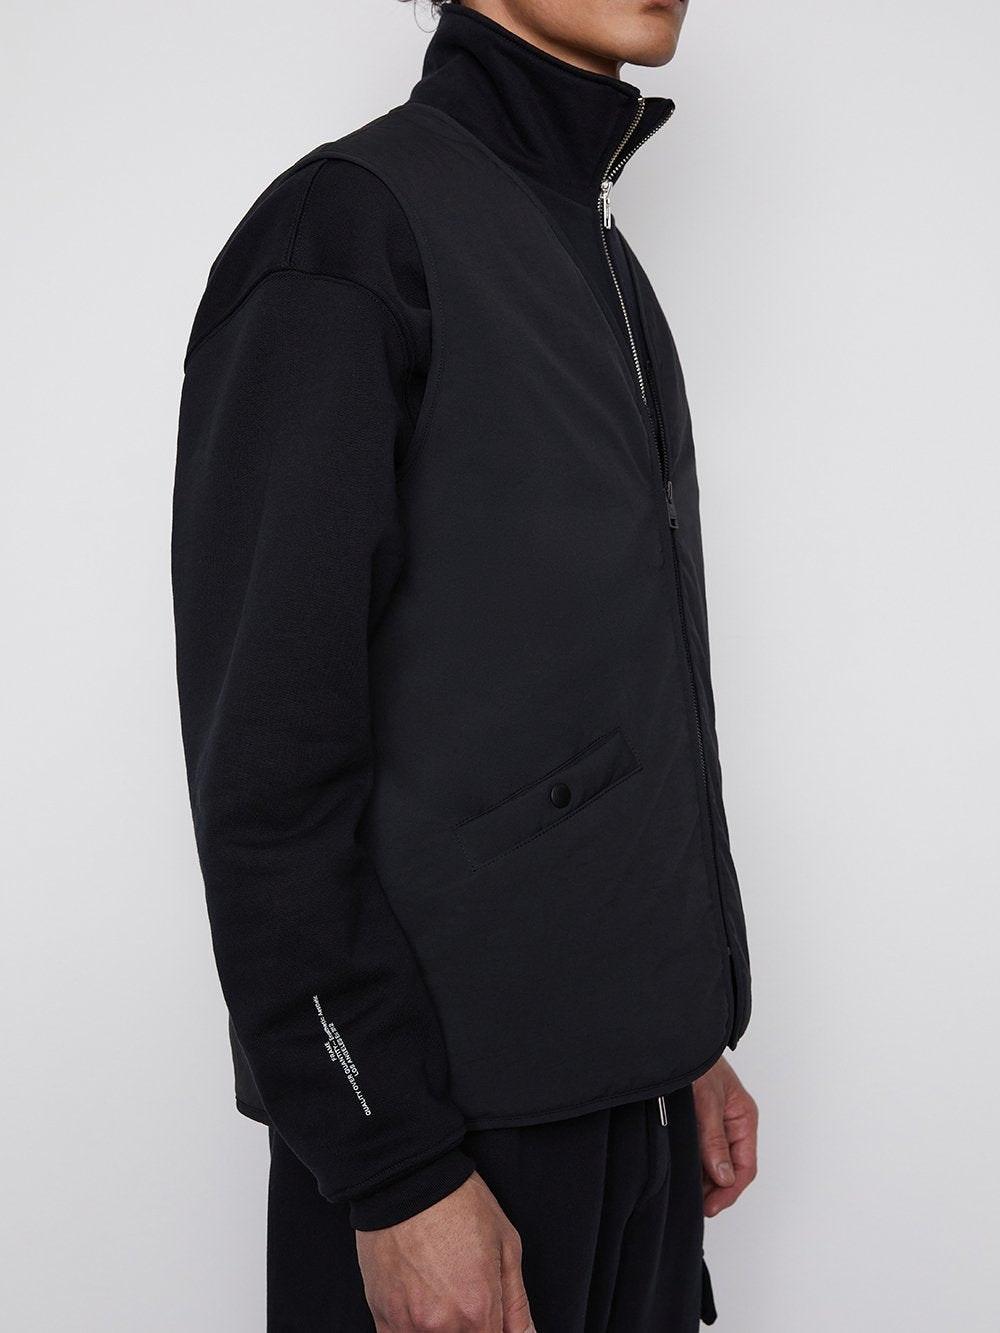 jacket side view alt:hover